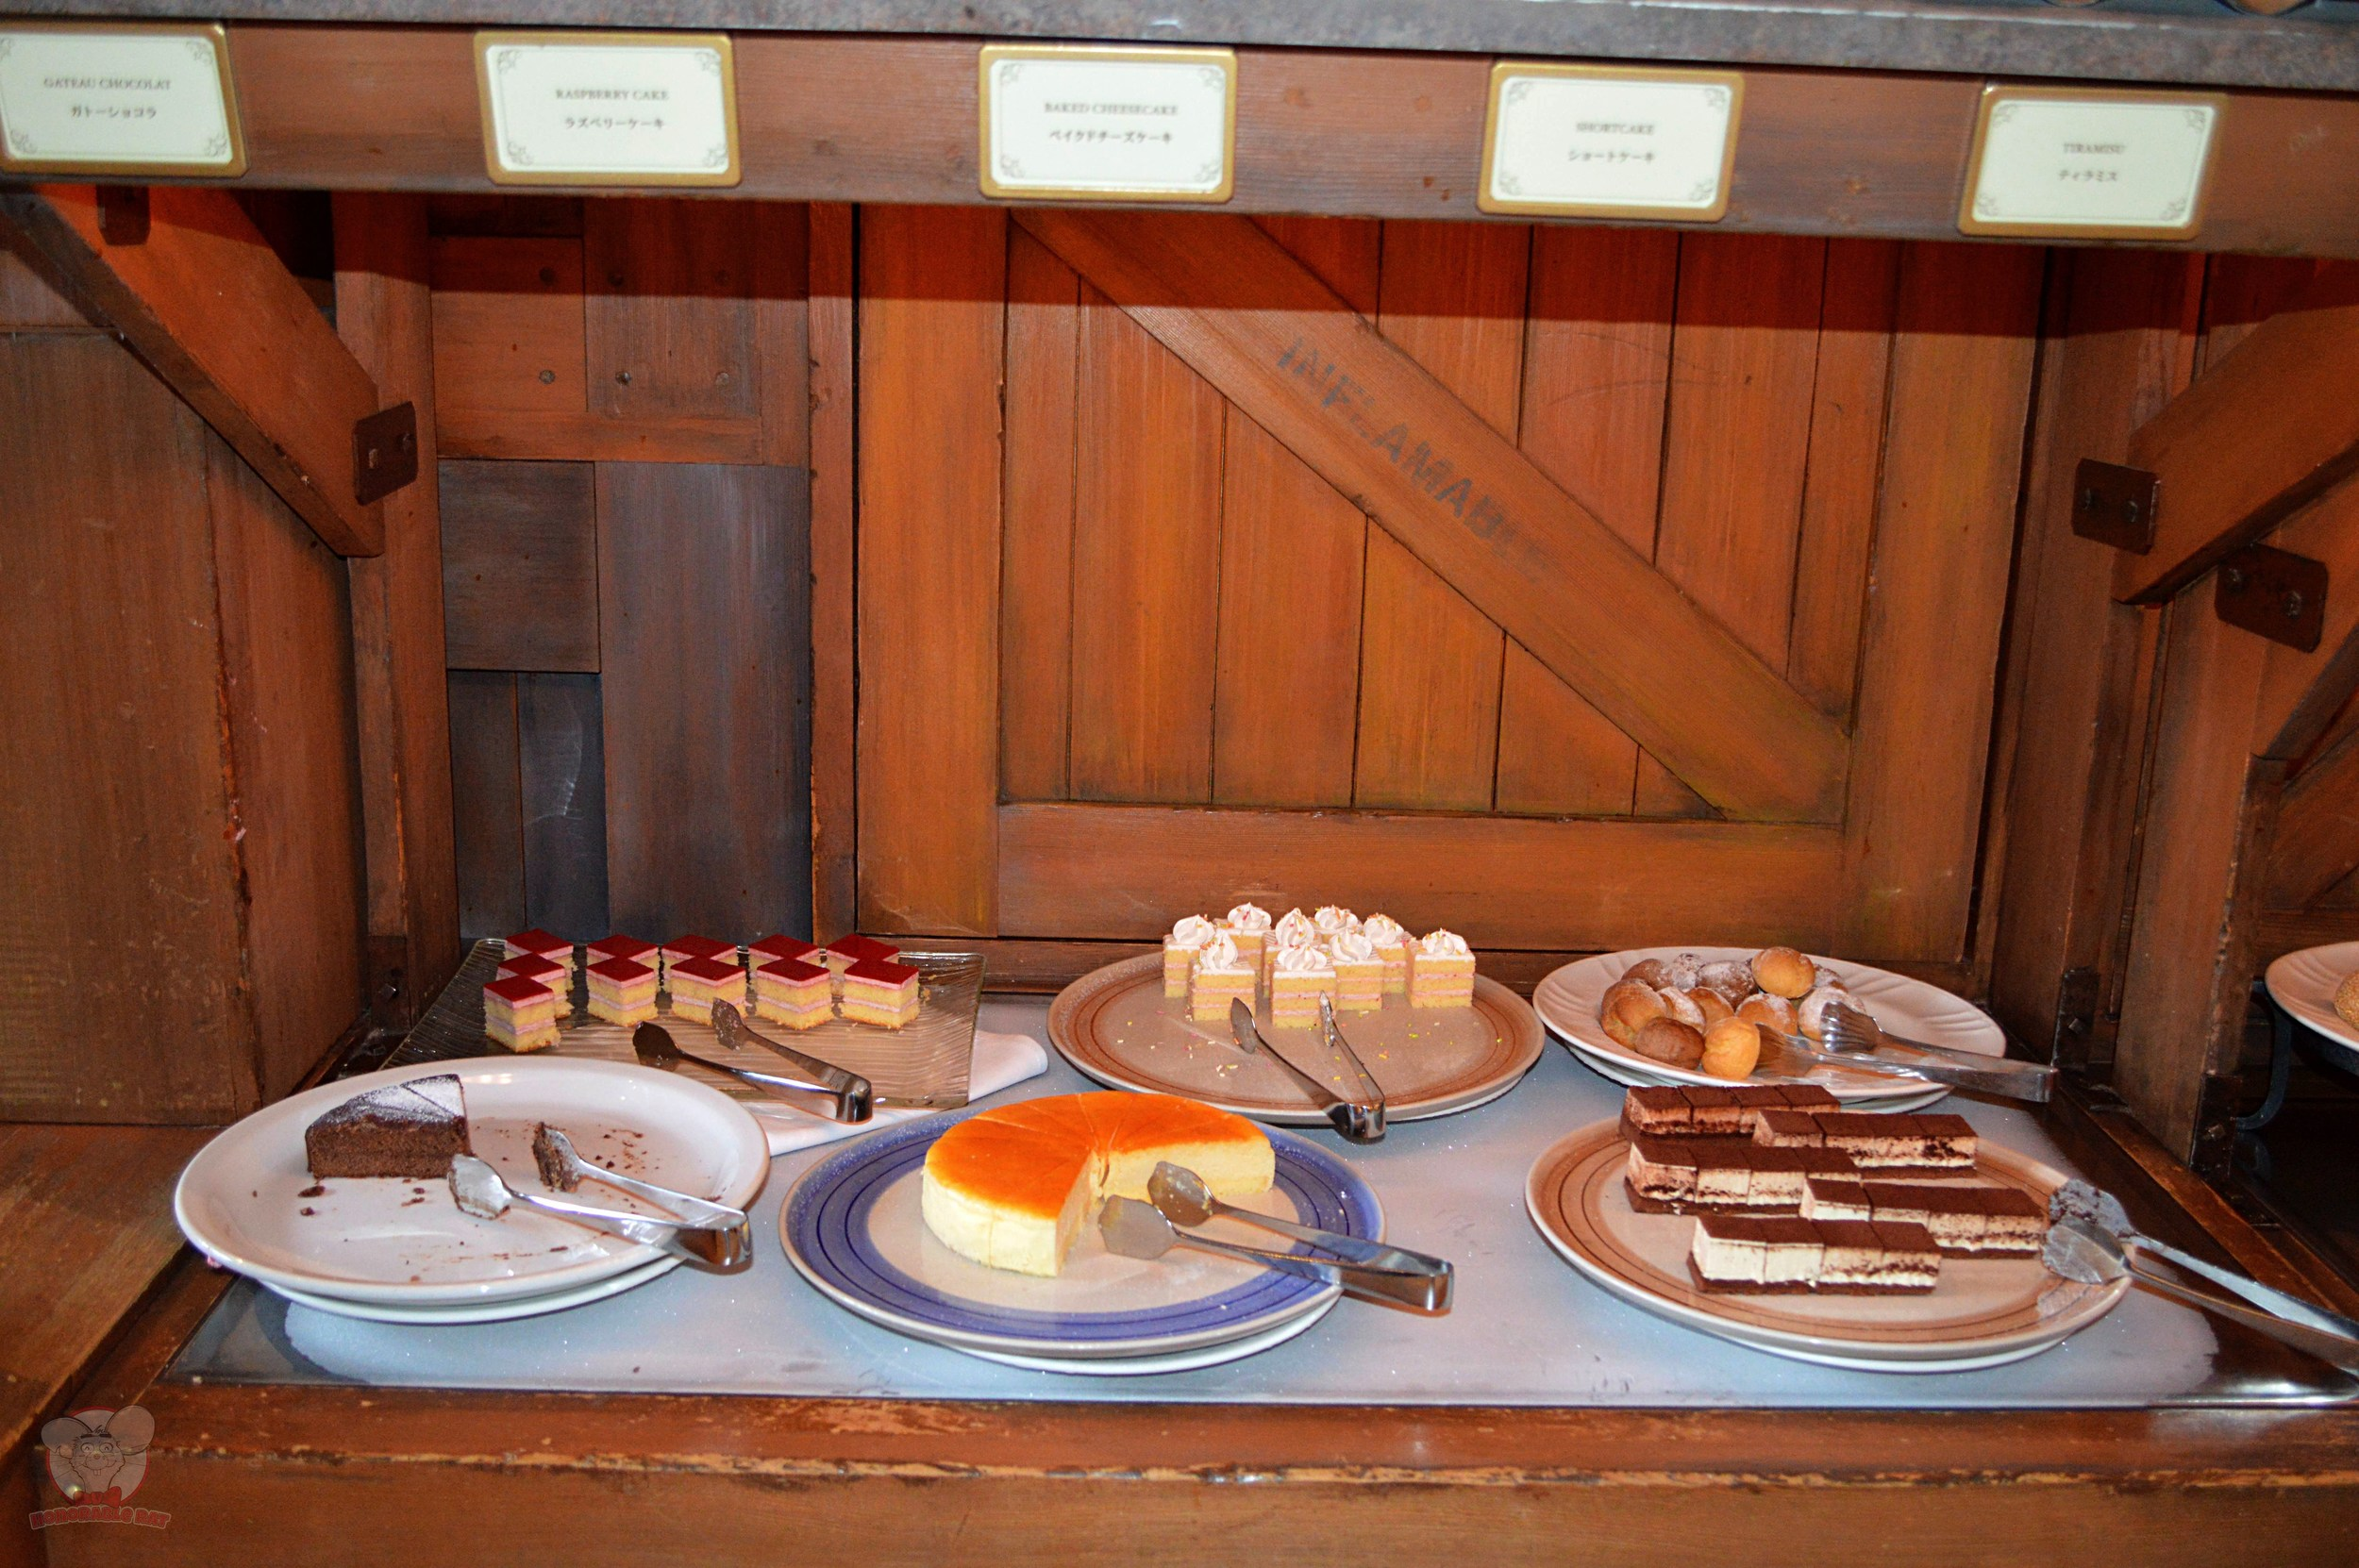 Dockside Desserts selection (B)